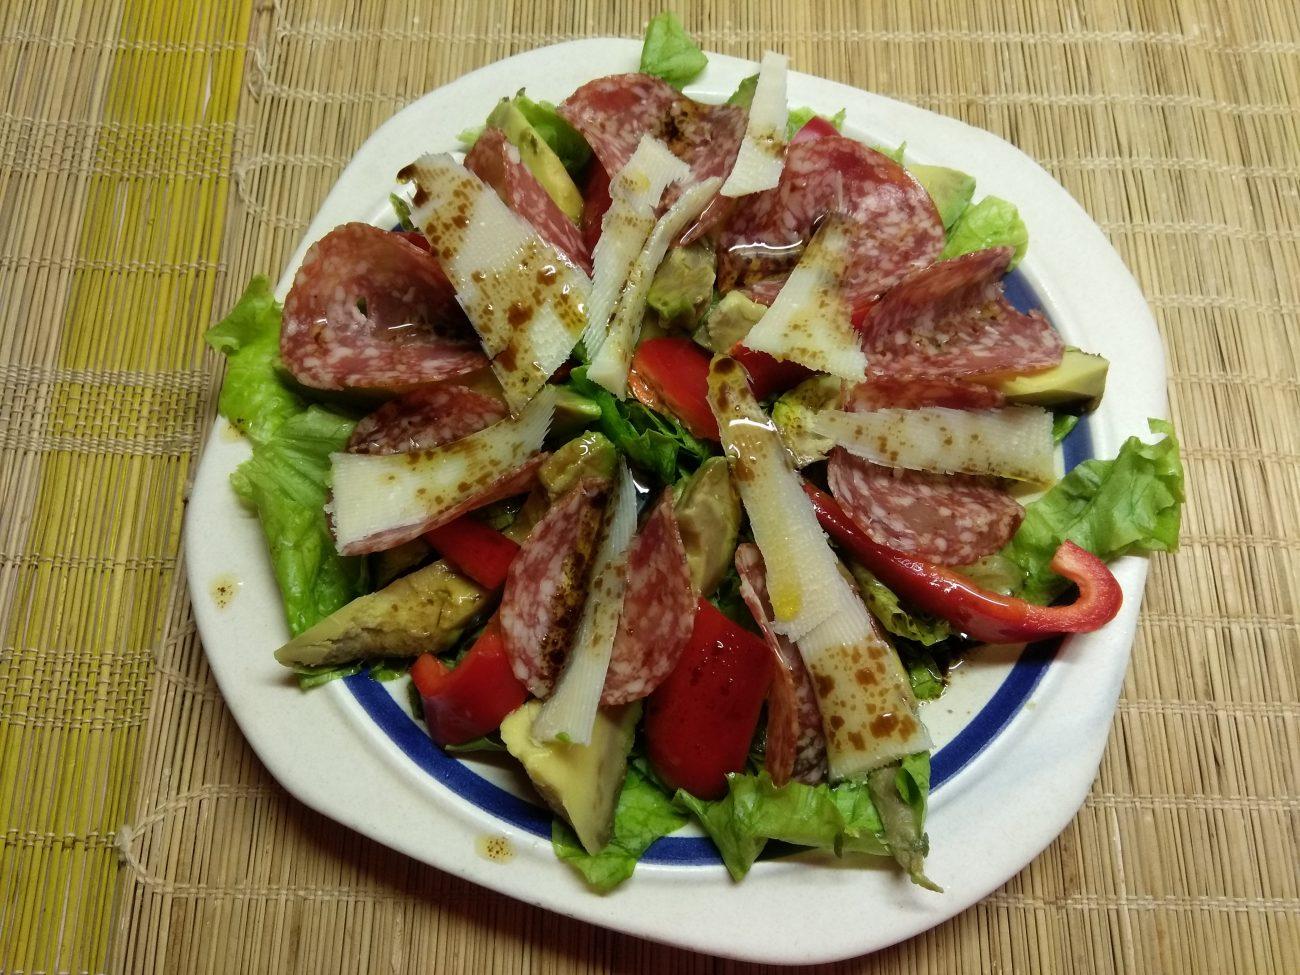 Салат с колбасой, авокадо, пармезаном и грушами